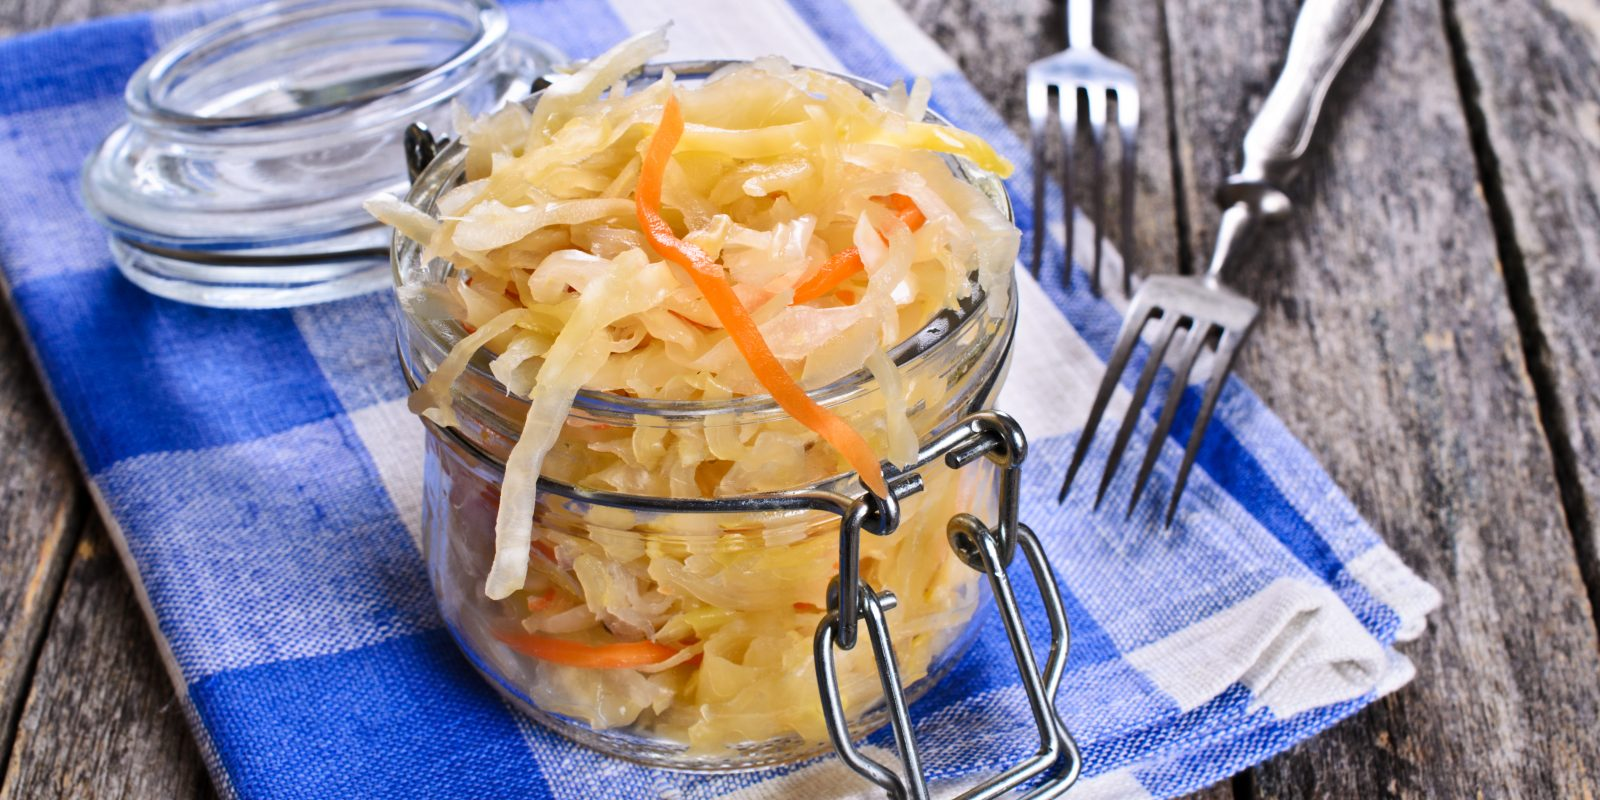 Маринованная капуста на зиму в банках: 11 лучших рецептов очень вкусной капусты